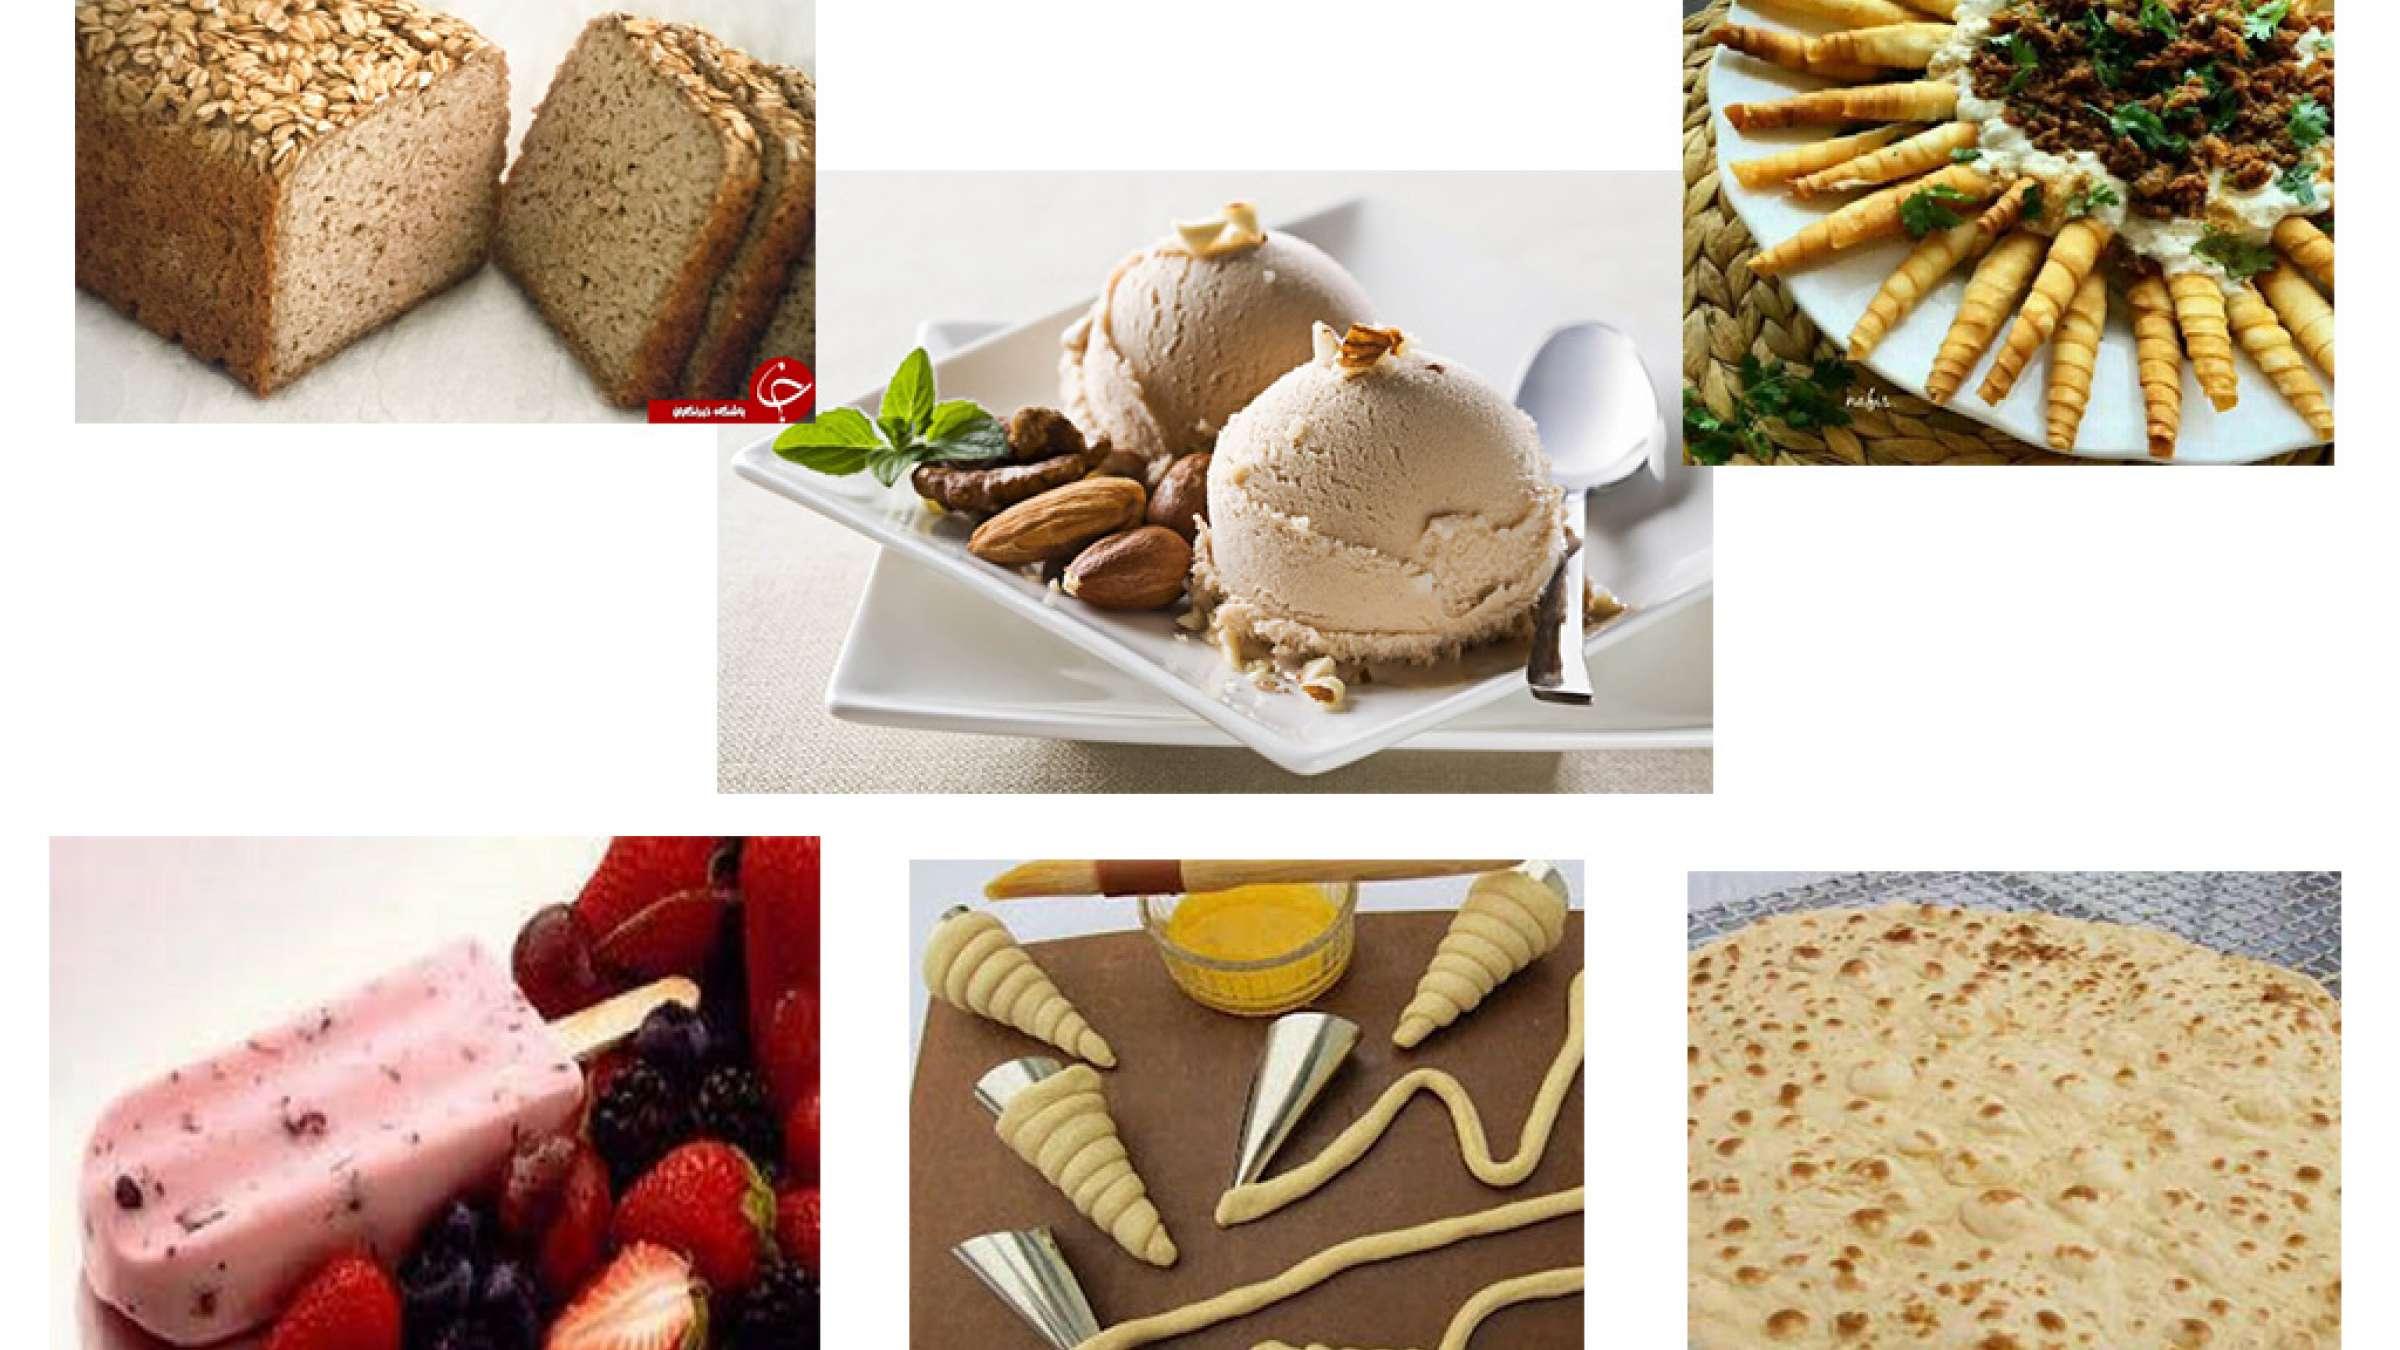 آشپزی-ترابی-نان-جو-بستنی-یخی-بستنی-نسکافهای-نان-تافتون-کباب-بادمجان